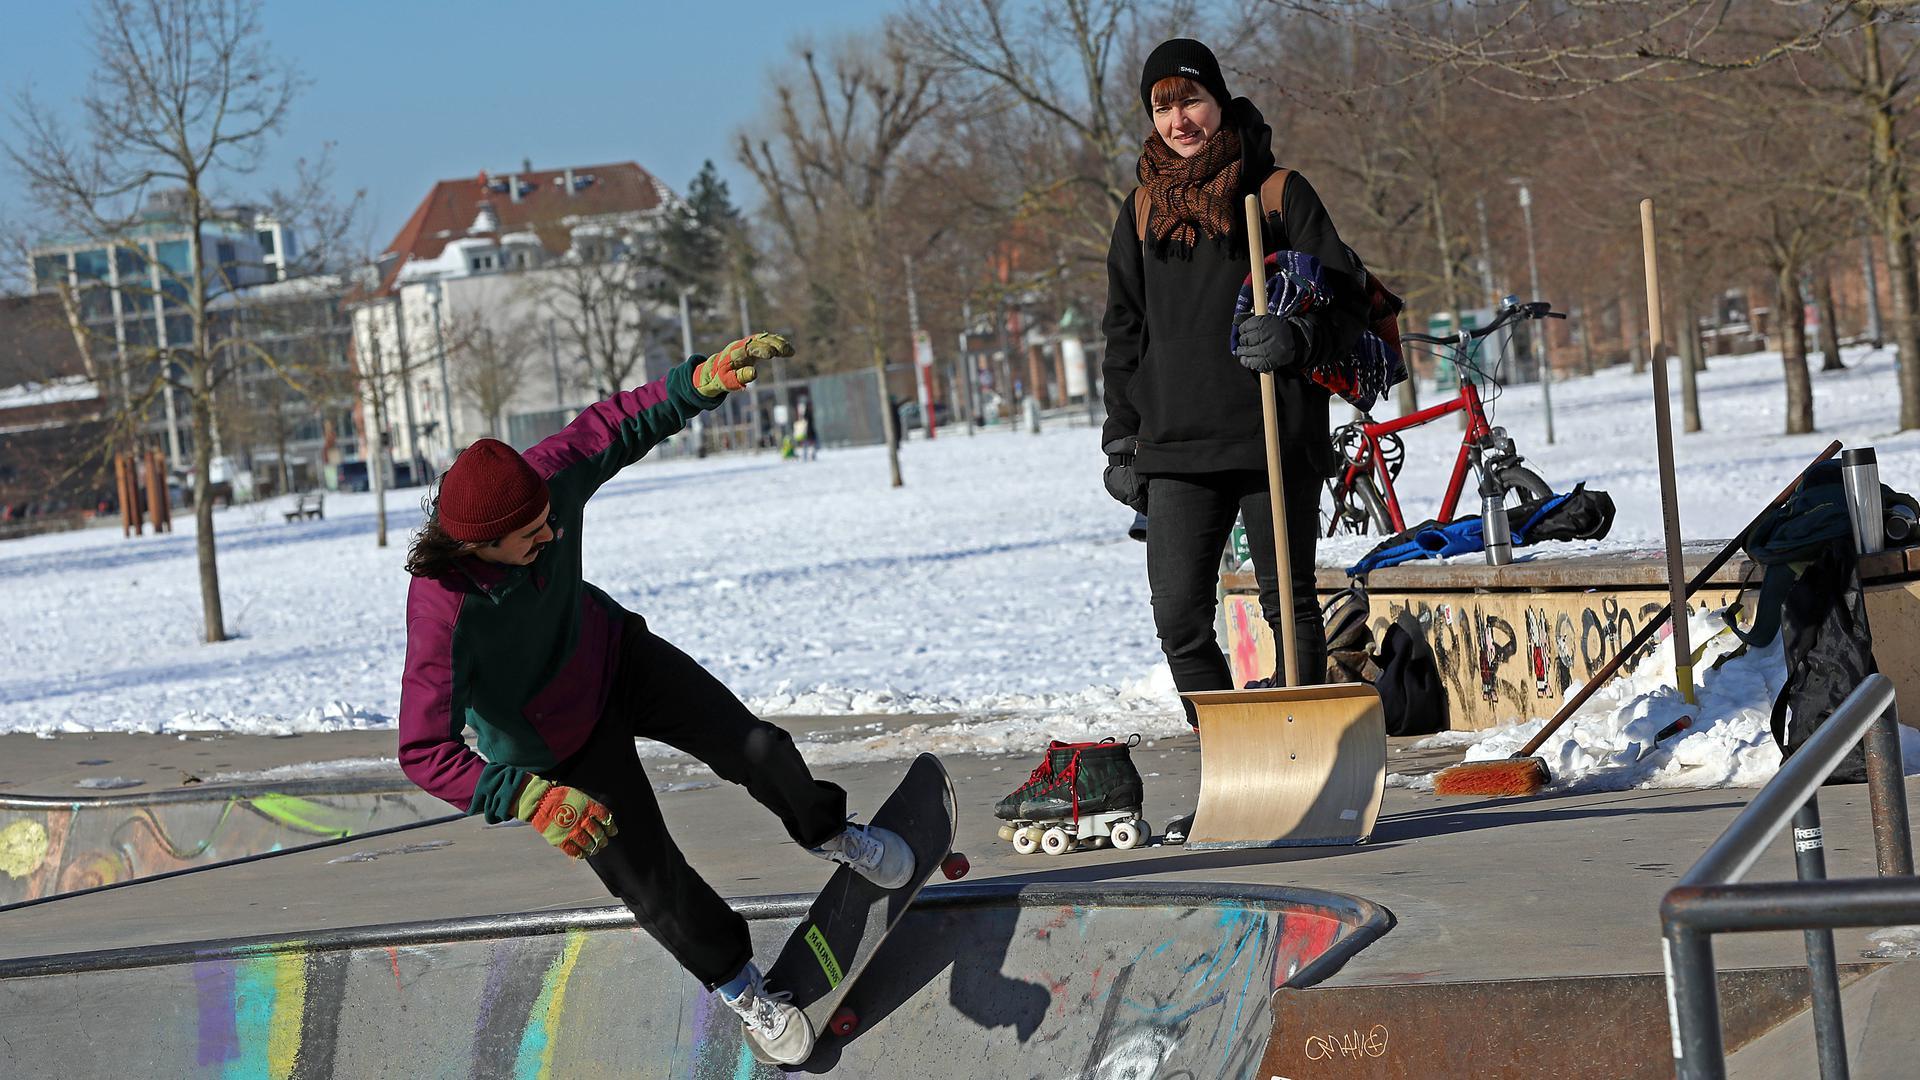 13.02.2021 Skateplatz im Otto-Dullenkopf-Park, Stephanie von Thun mit Rollschuhen und Mehmet Kurkmaz auf dem Skateboard.